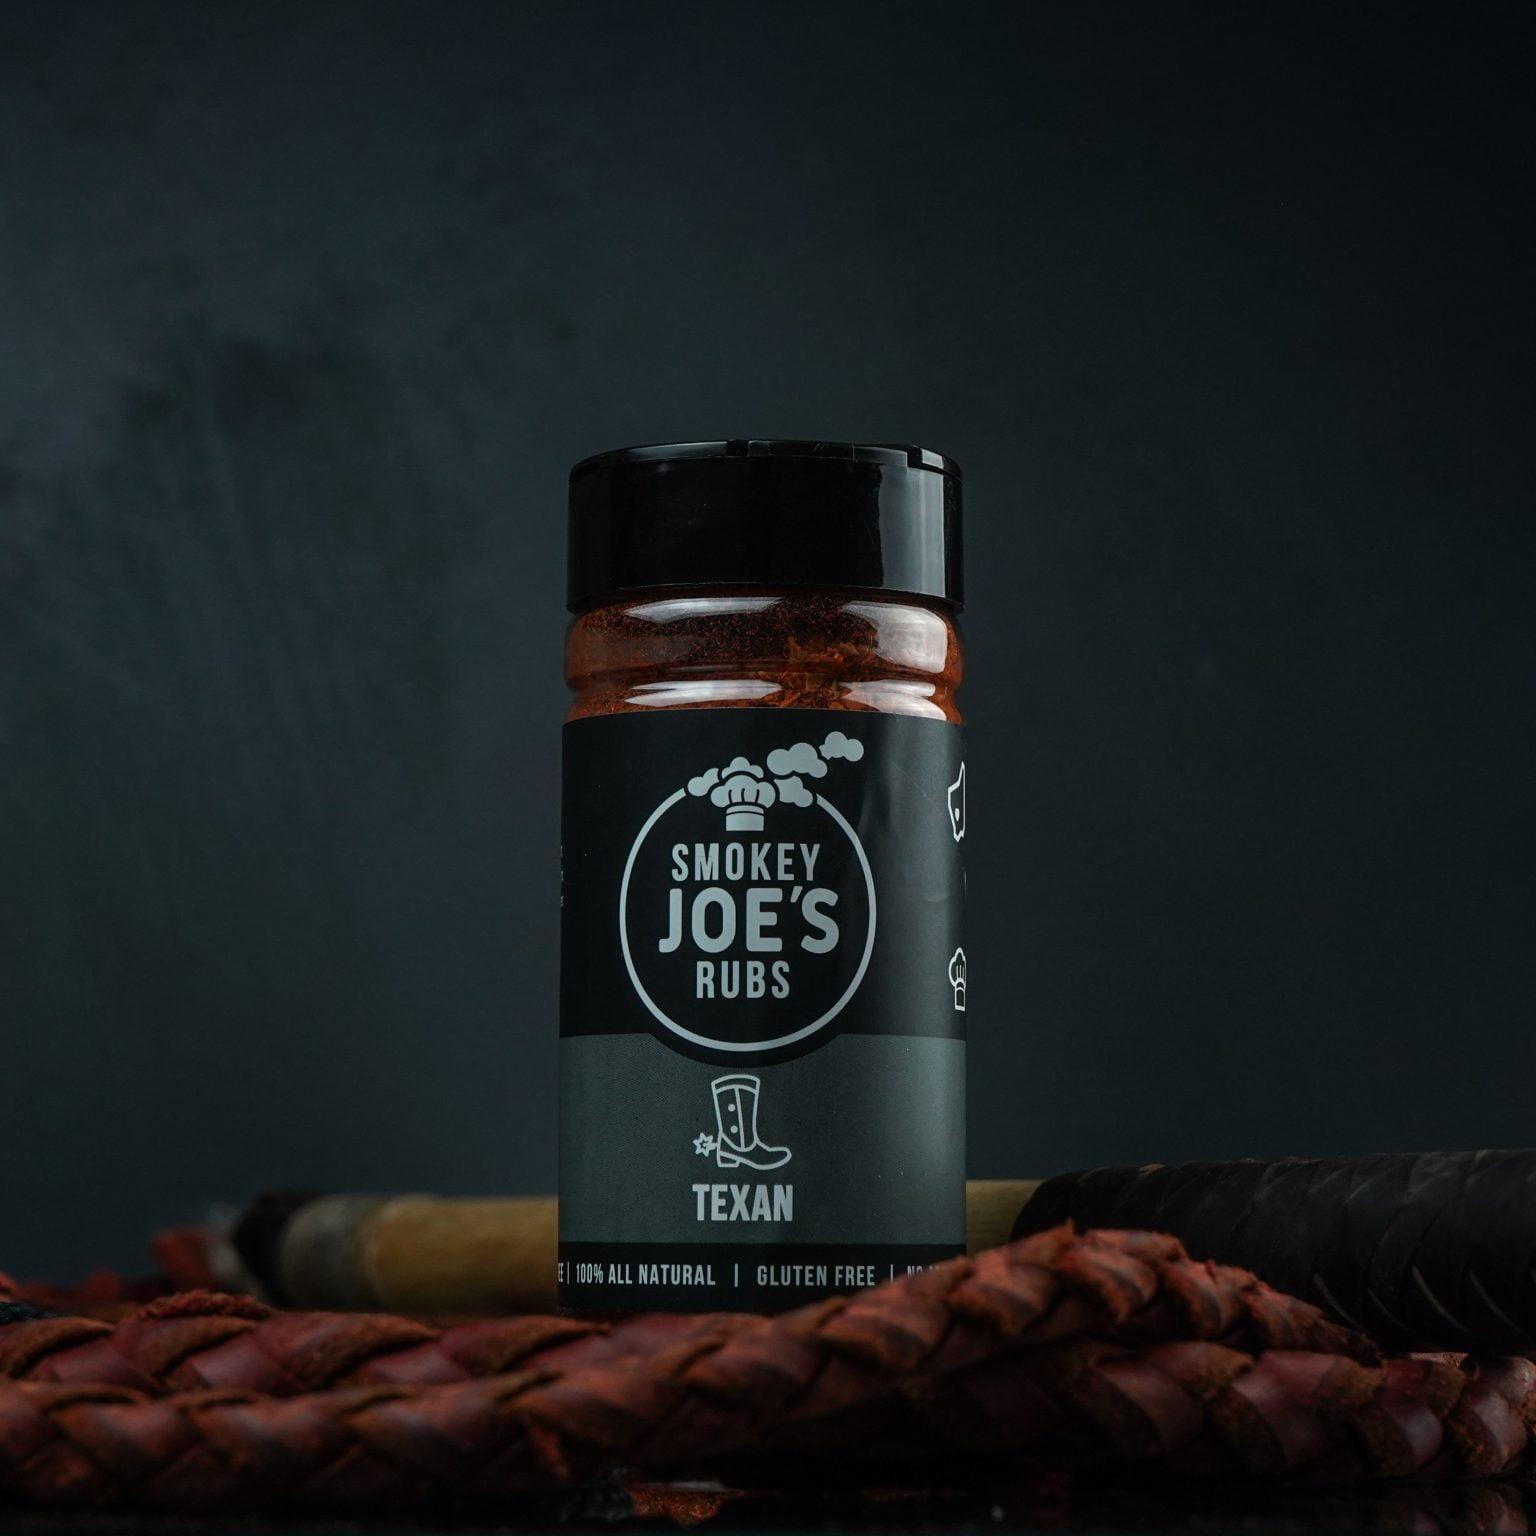 Smokey Joes Texan Rub